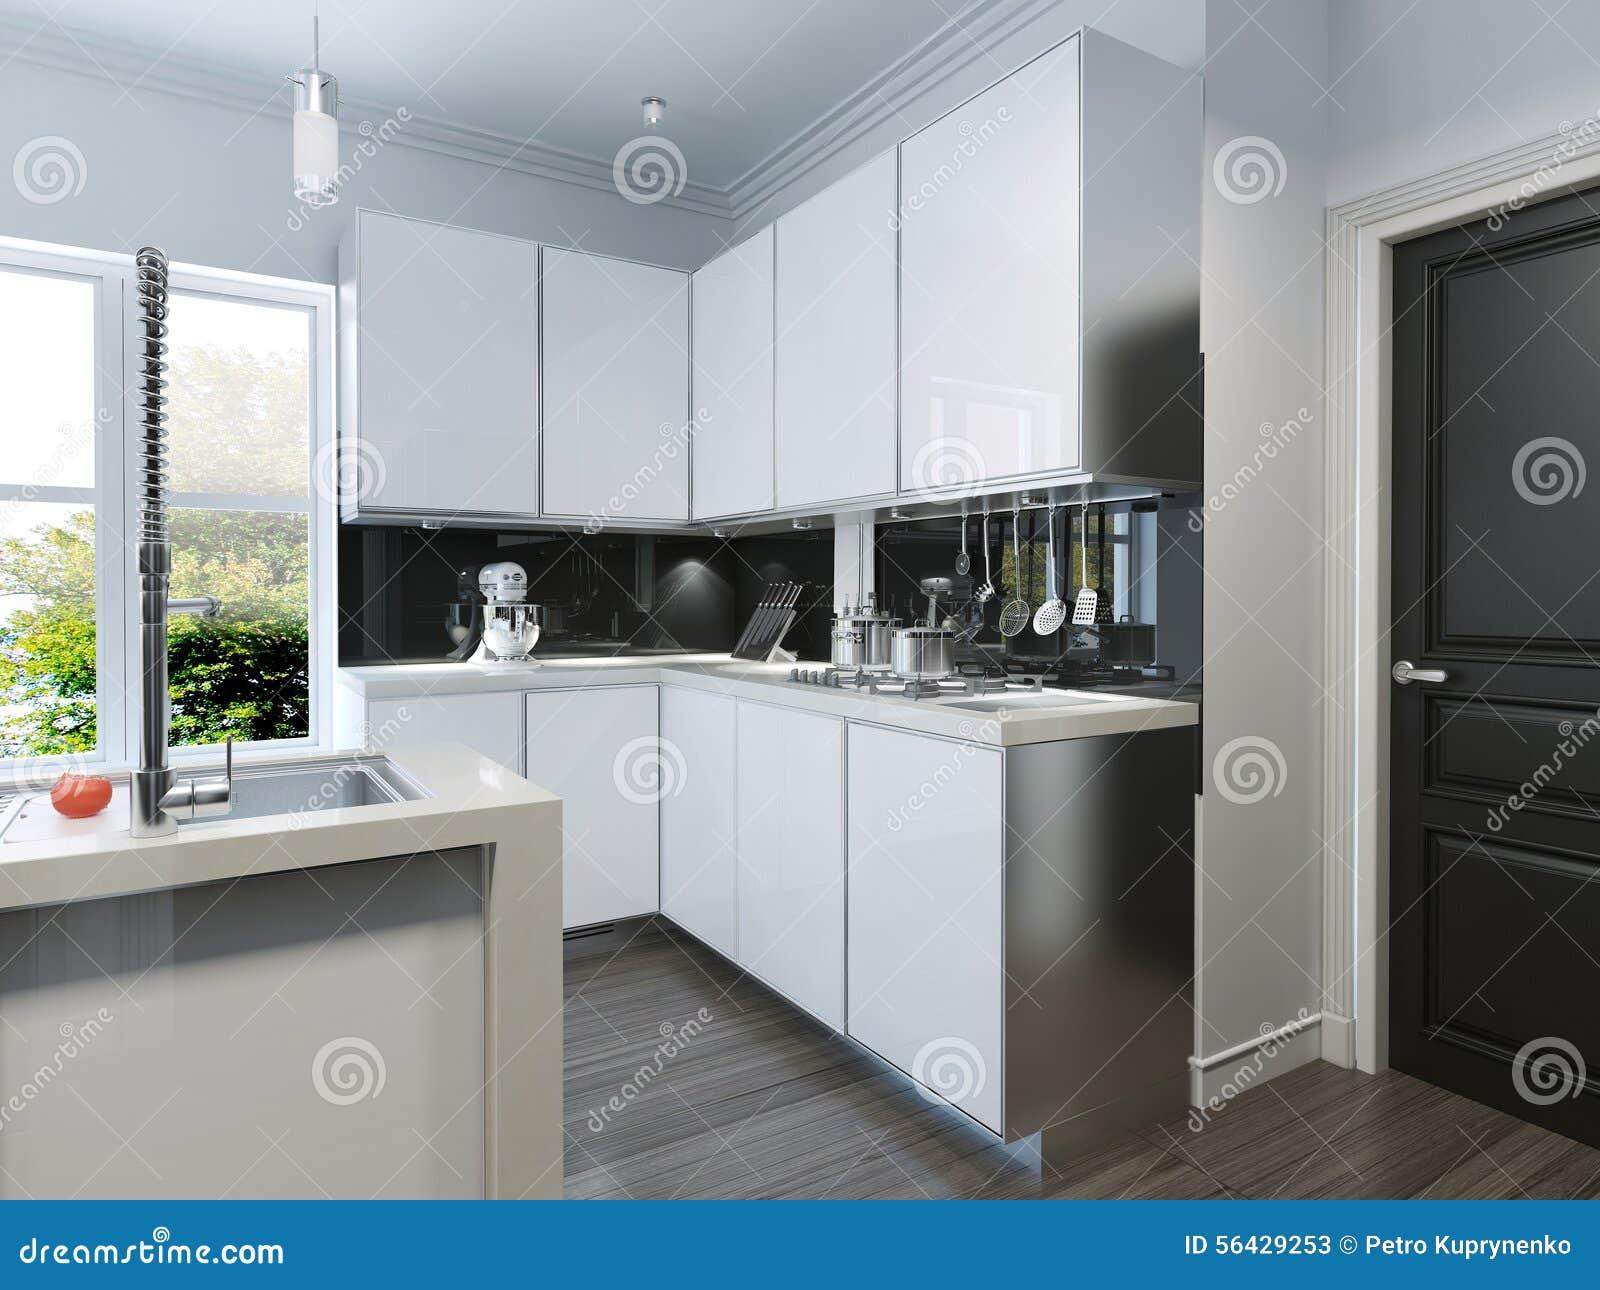 Keuken Moderne Bar : Moderne keuken bar stock illustratie. illustratie bestaande uit